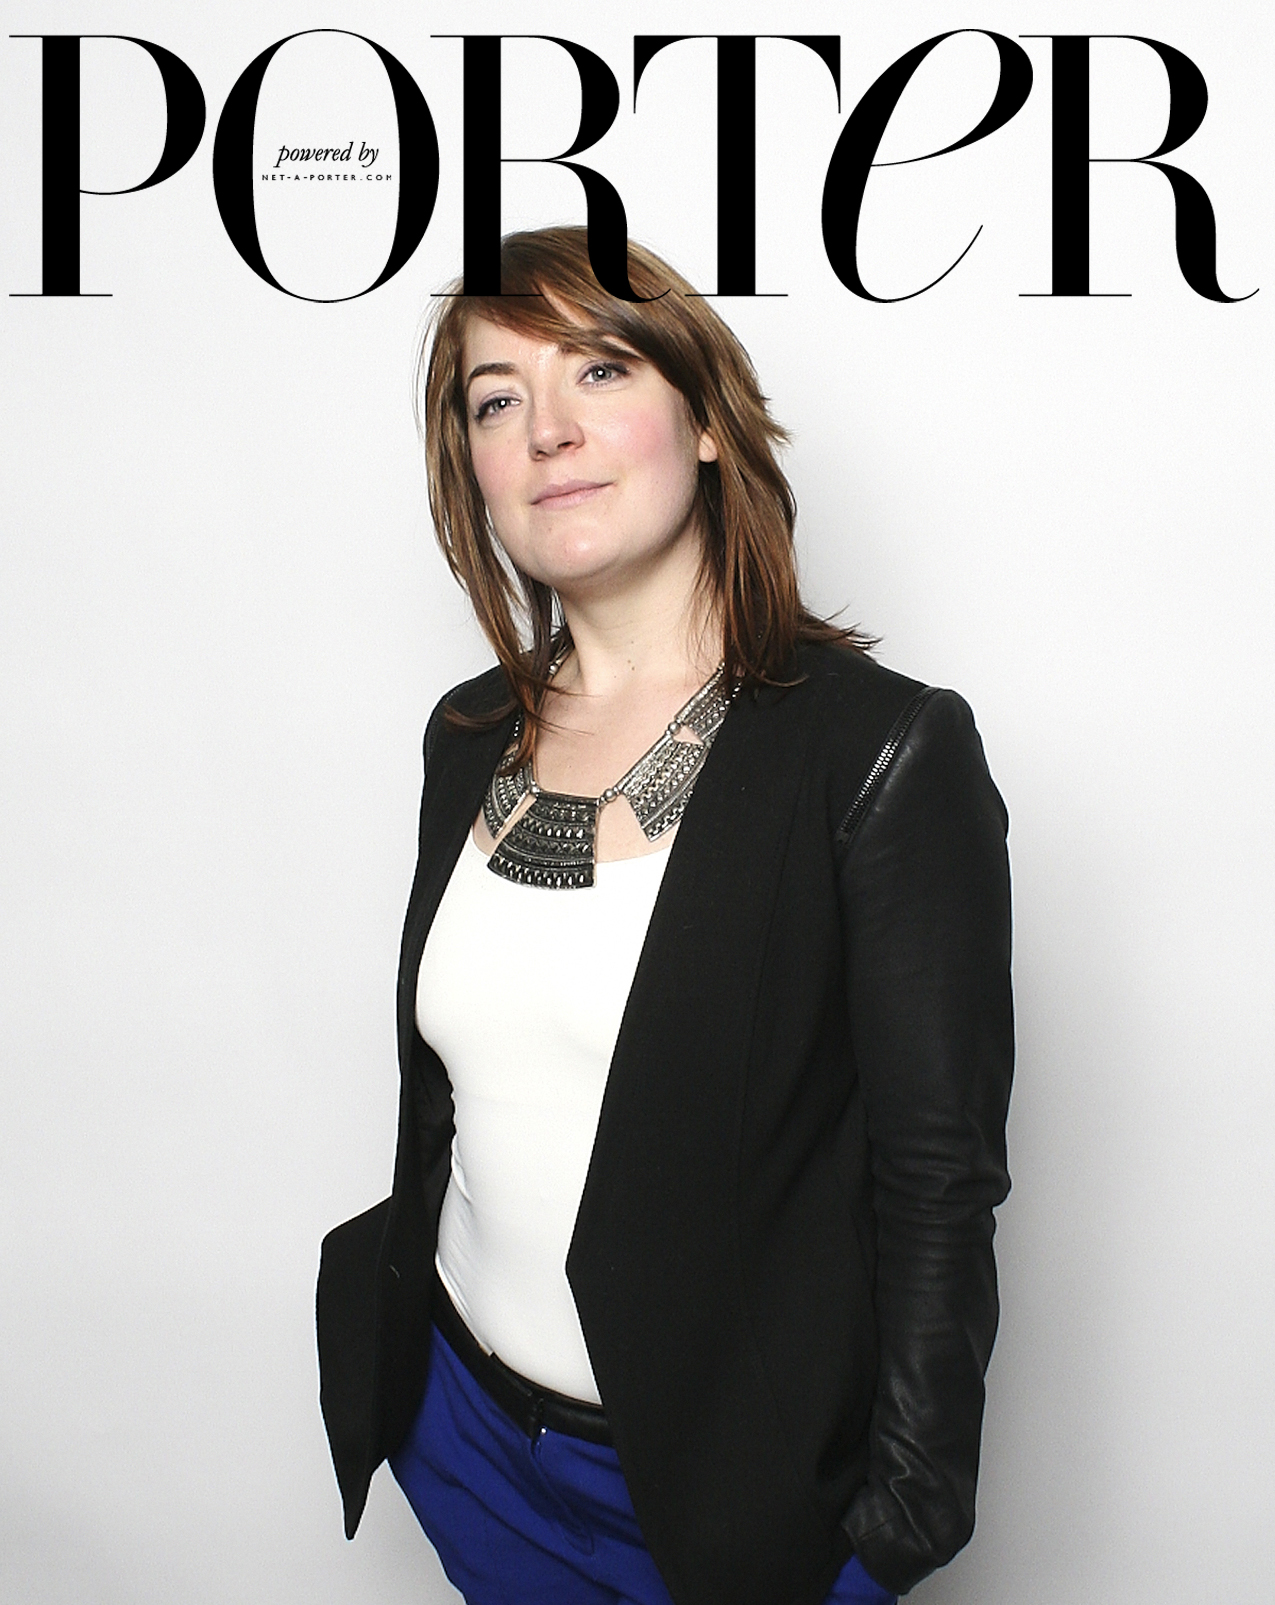 Porter_0210 2 copy